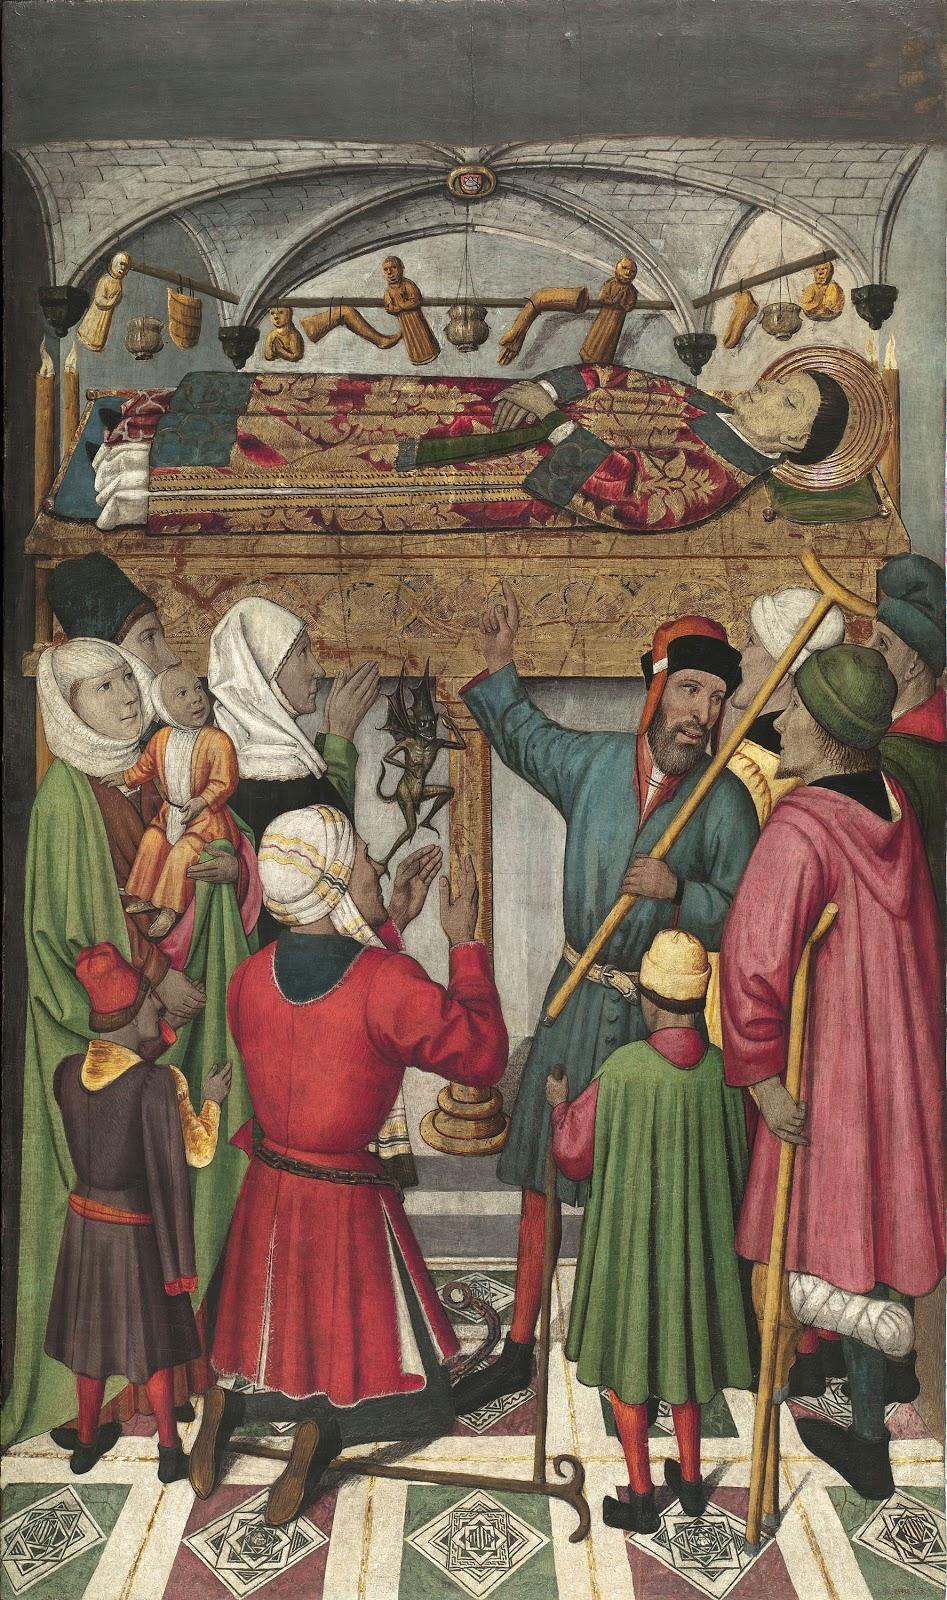 Jaume Huguet posthumous miracles by saint Vincent